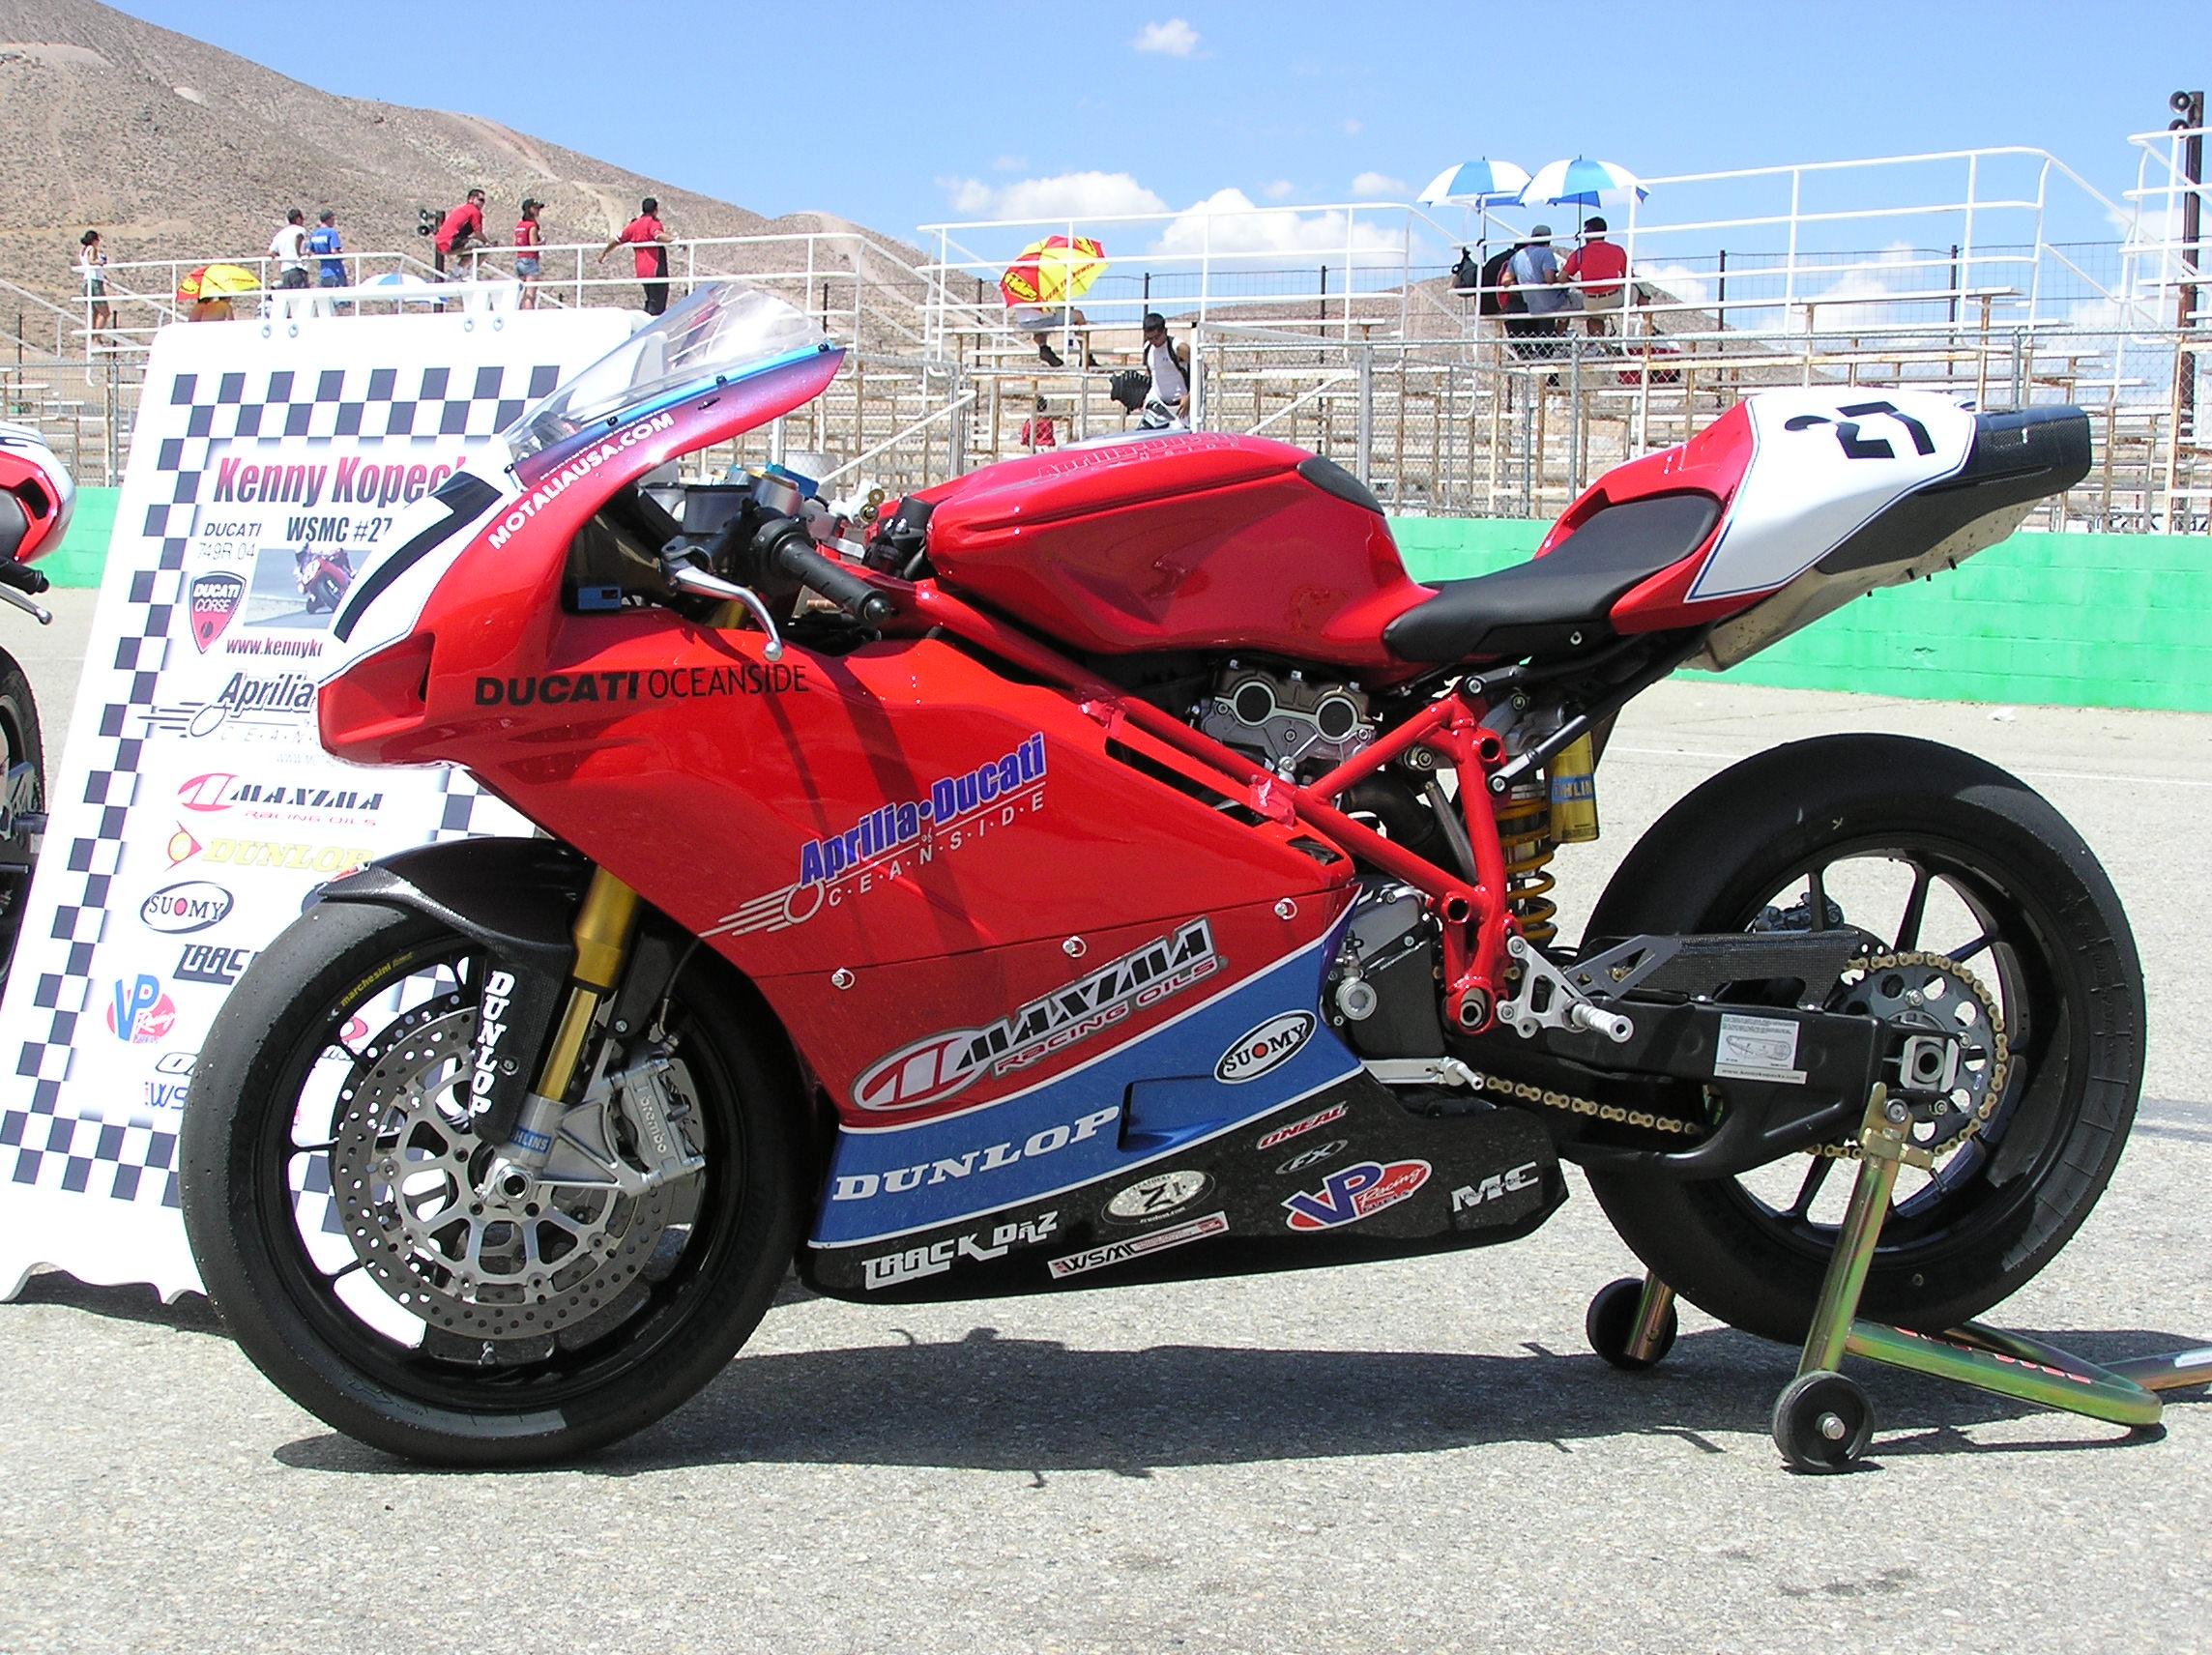 Ducati 999 Race